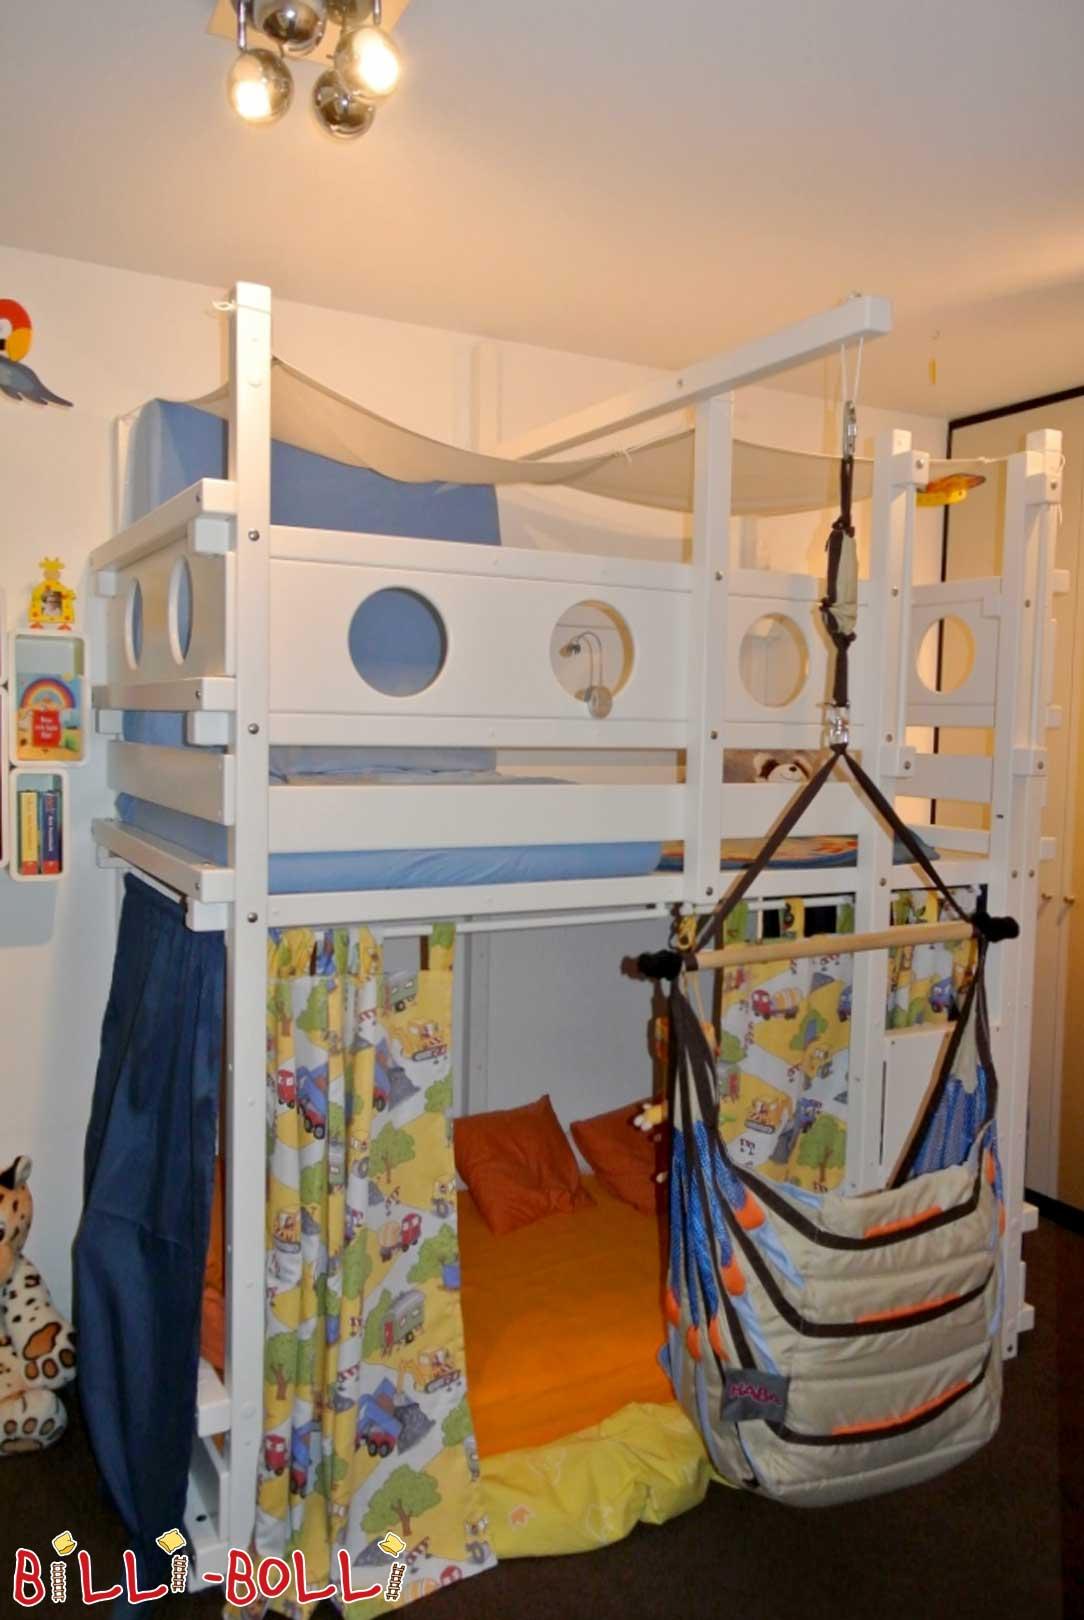 hochbett mitwachsend f r kinder online kaufen billi bolli. Black Bedroom Furniture Sets. Home Design Ideas